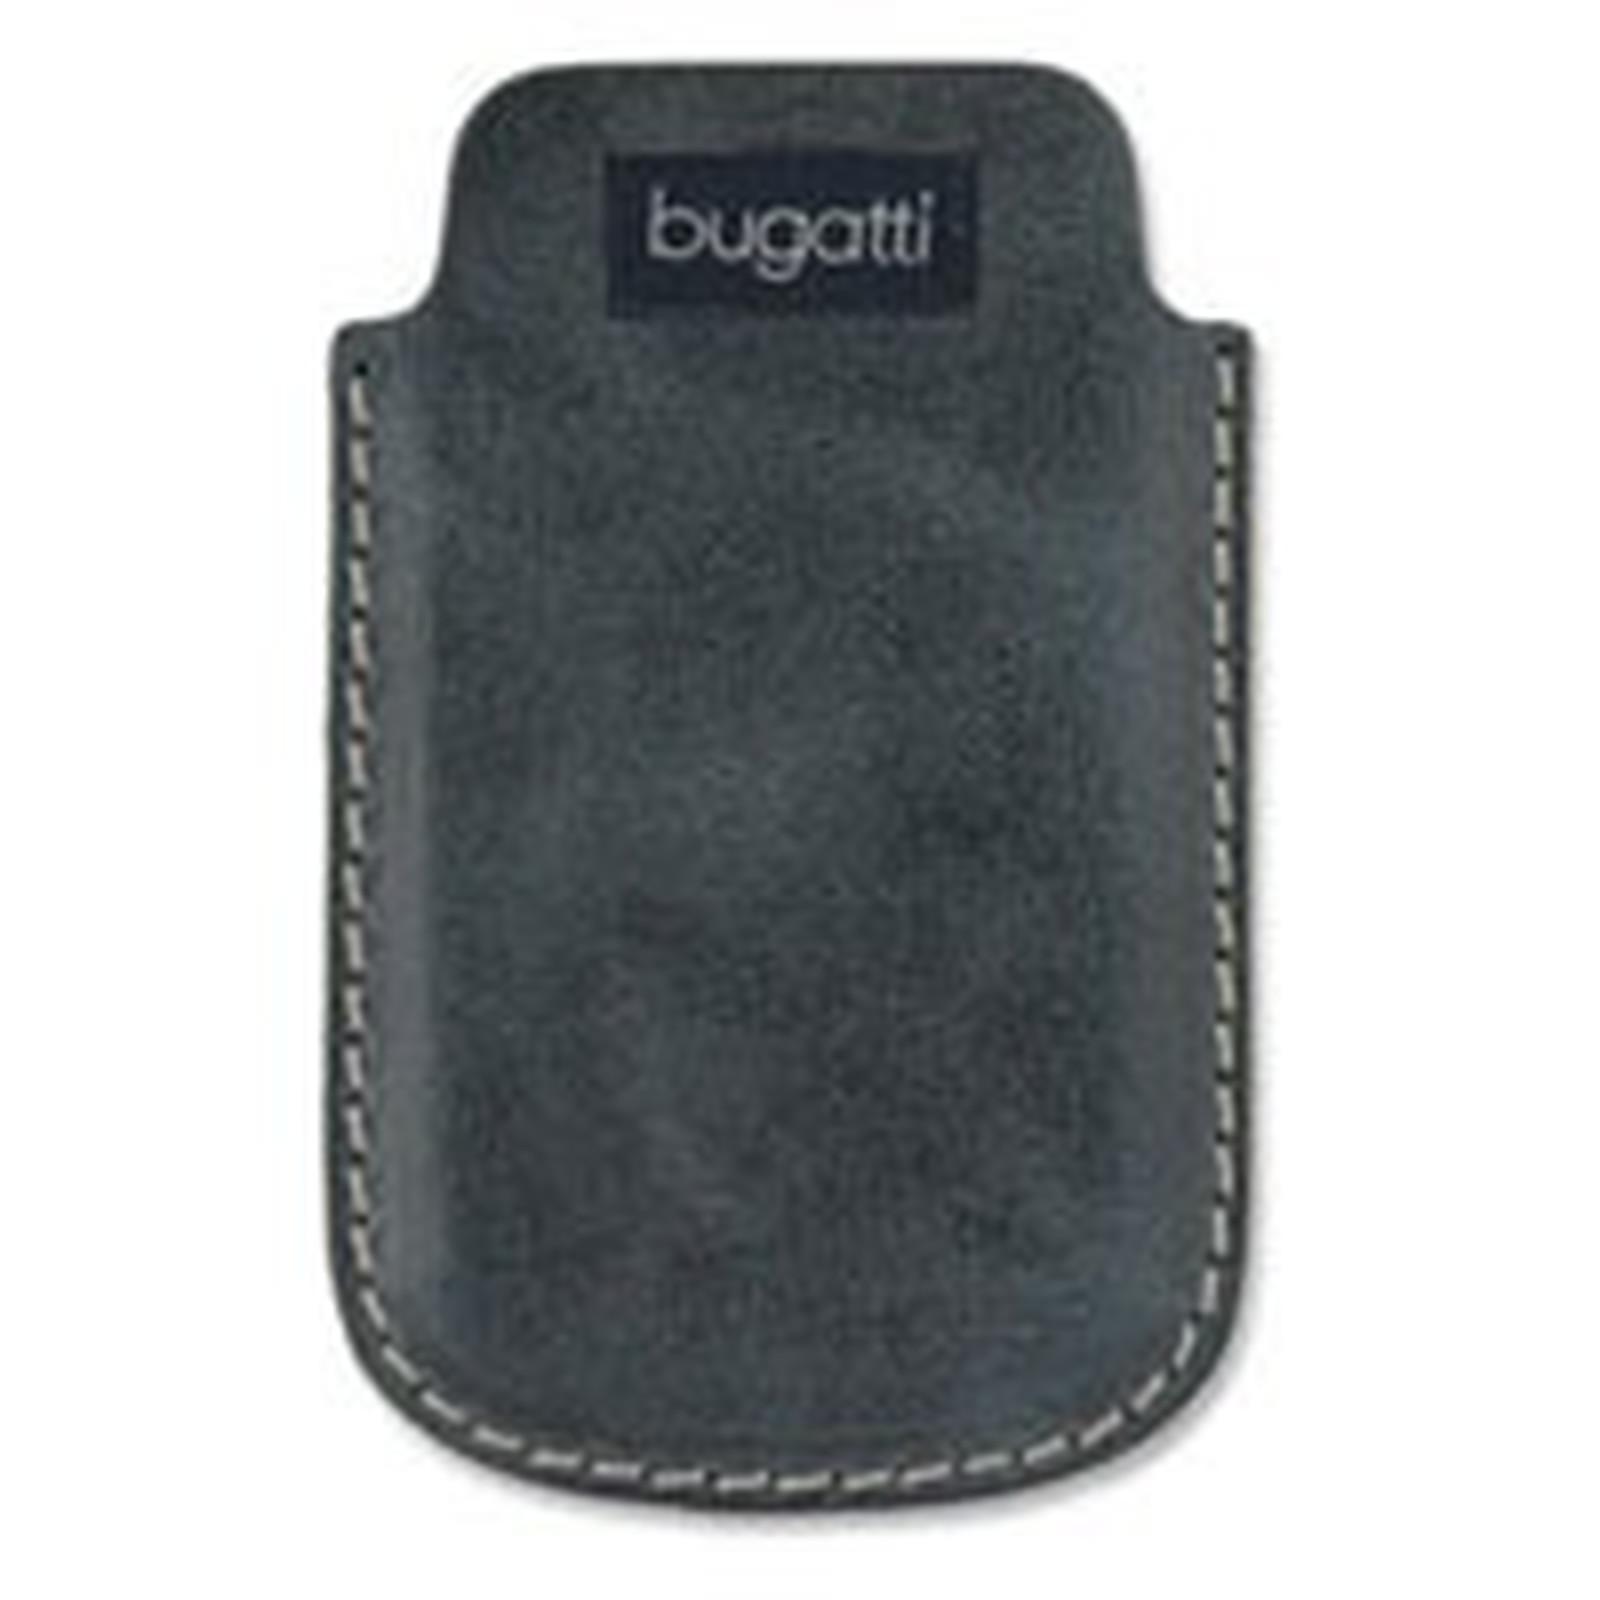 Bugatti Country